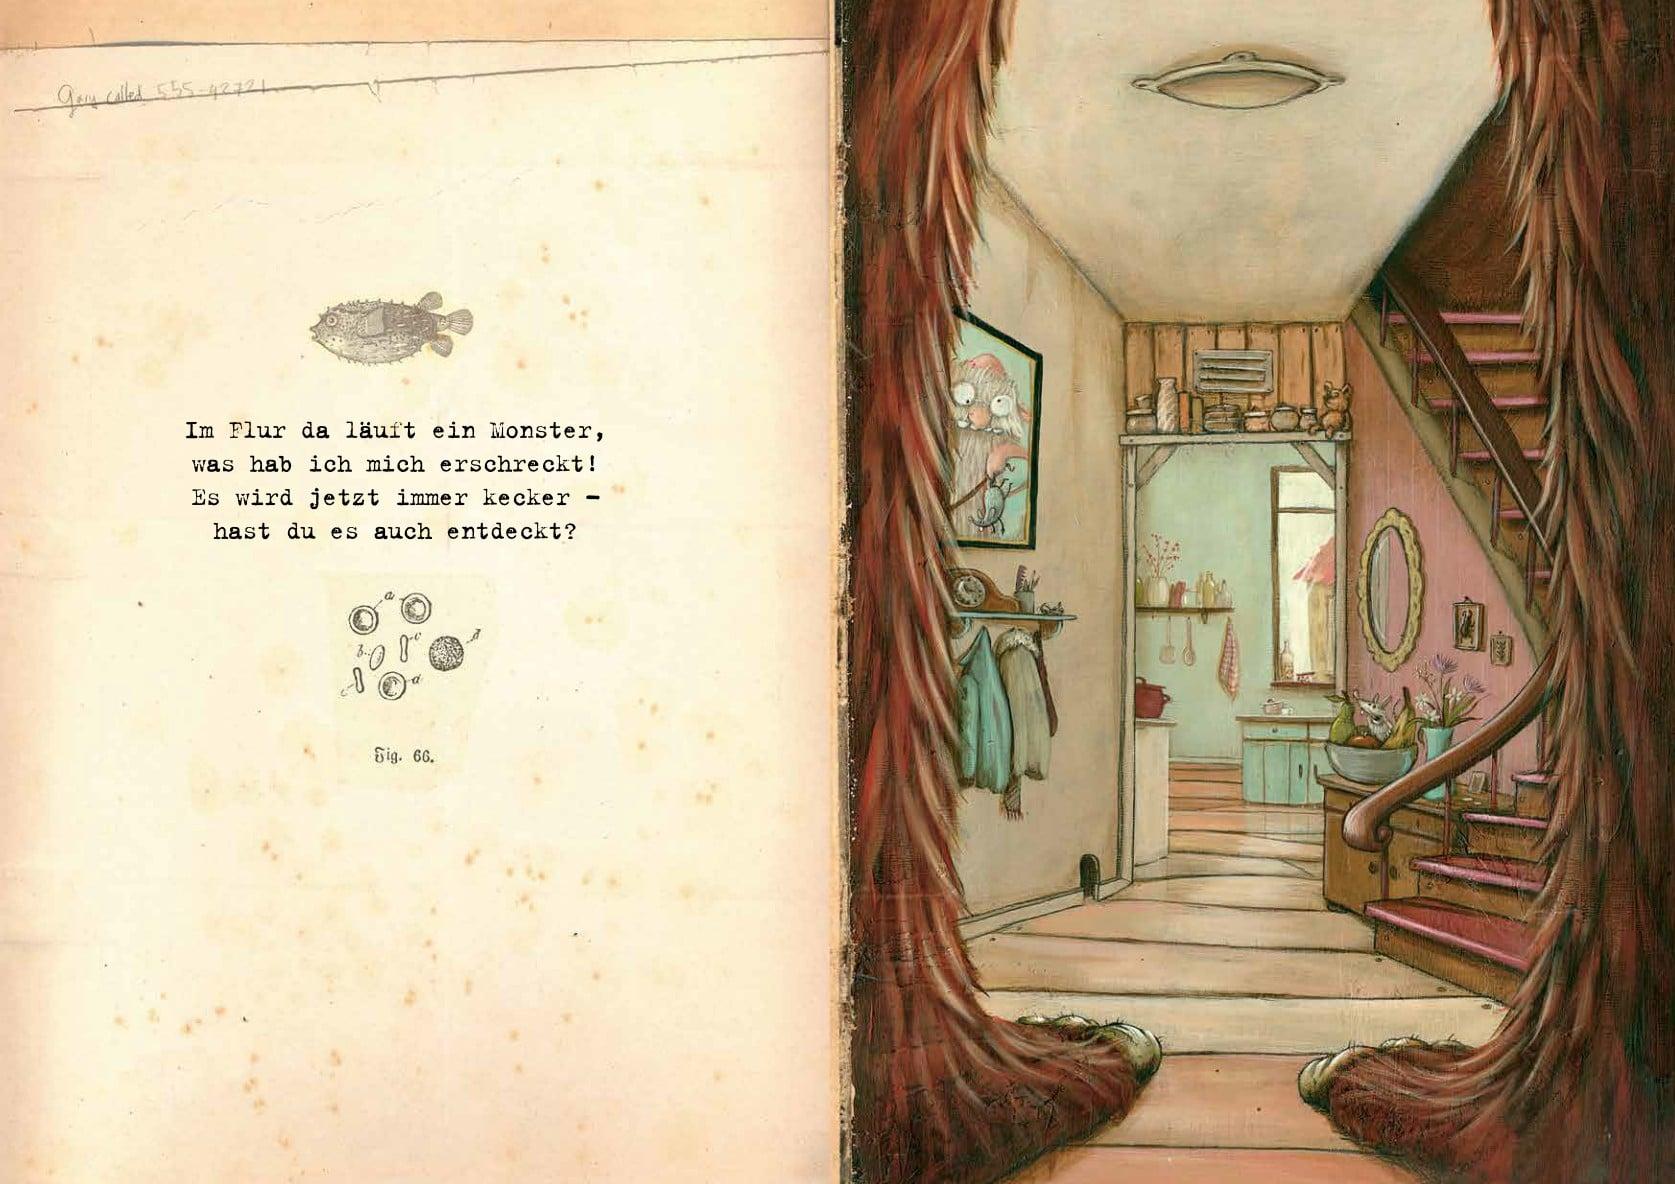 Ein Monster in meinem Haus - Kinderbuchlesen.de